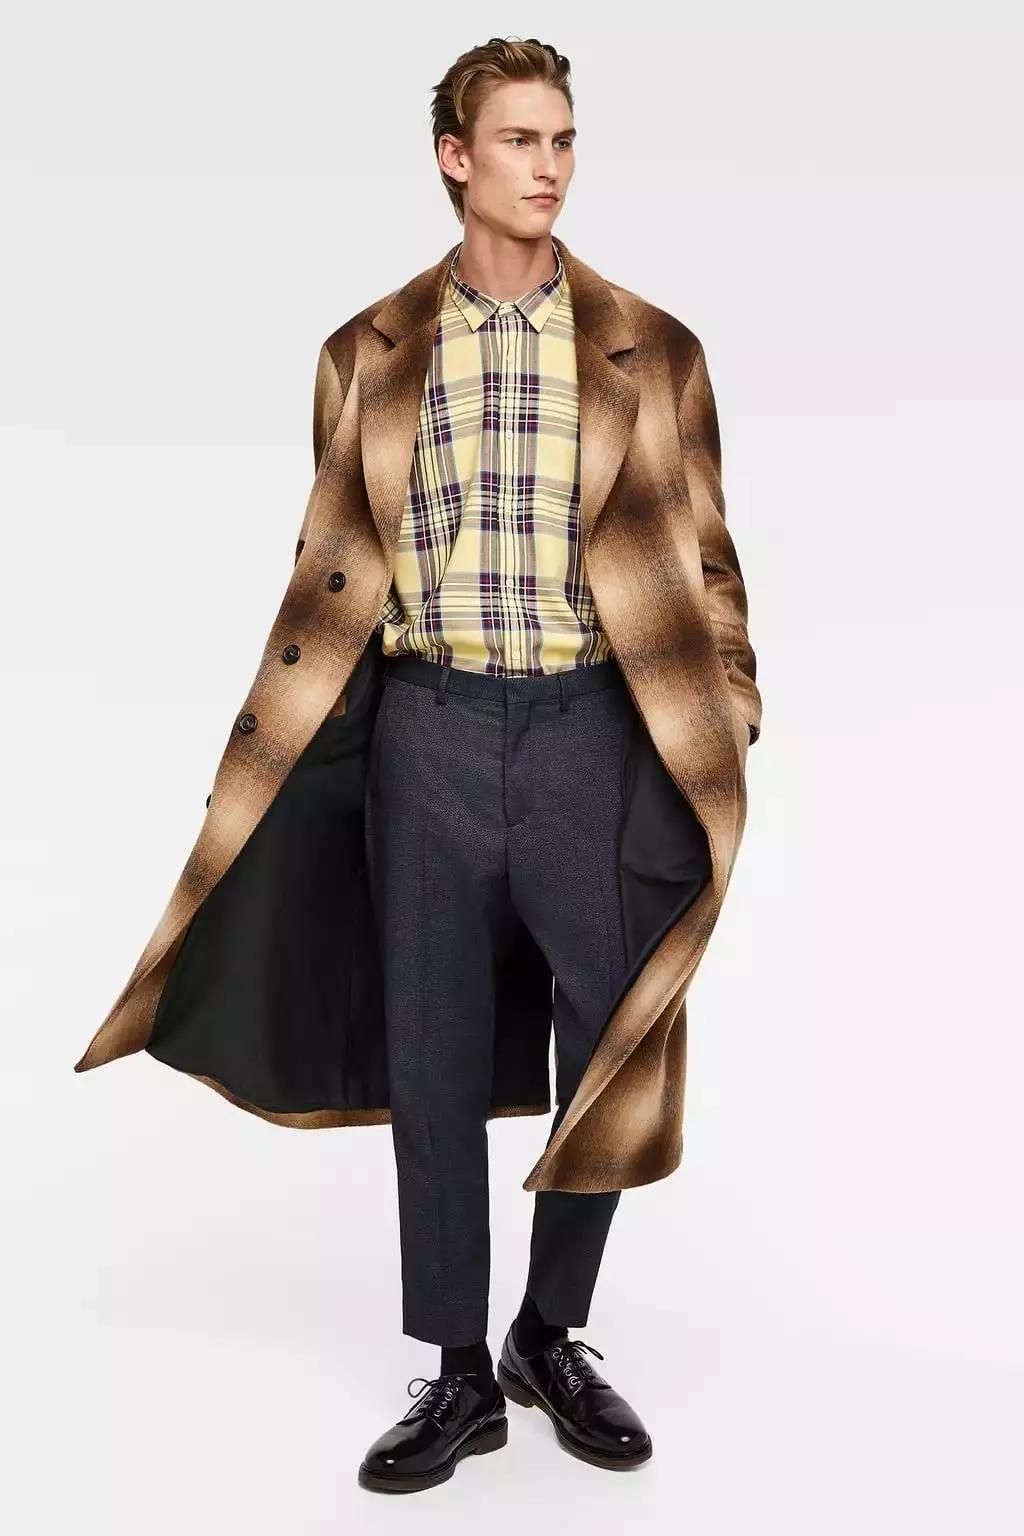 《创业时代》的男人 会穿搭吗?  秋11月 第10张